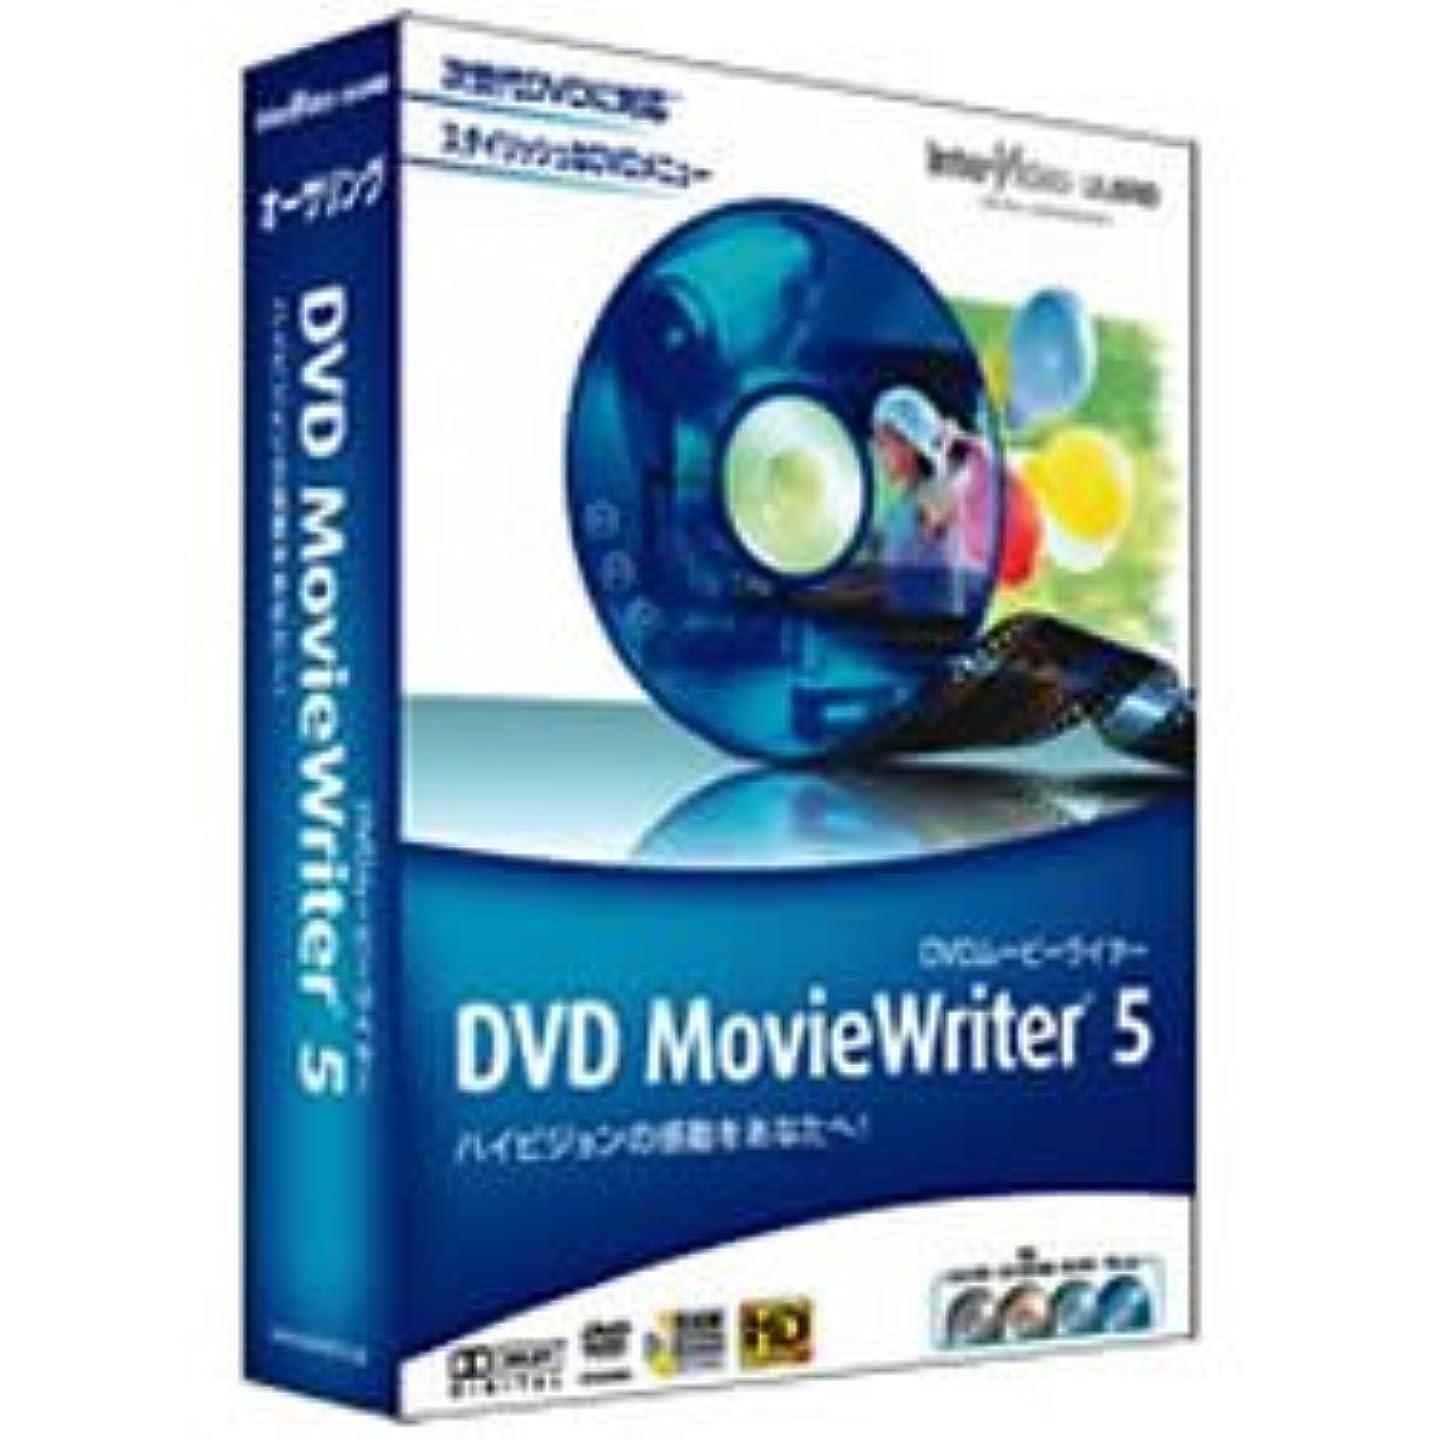 やむを得ない平和な蒸し器DVD MovieWriter 5 通常版